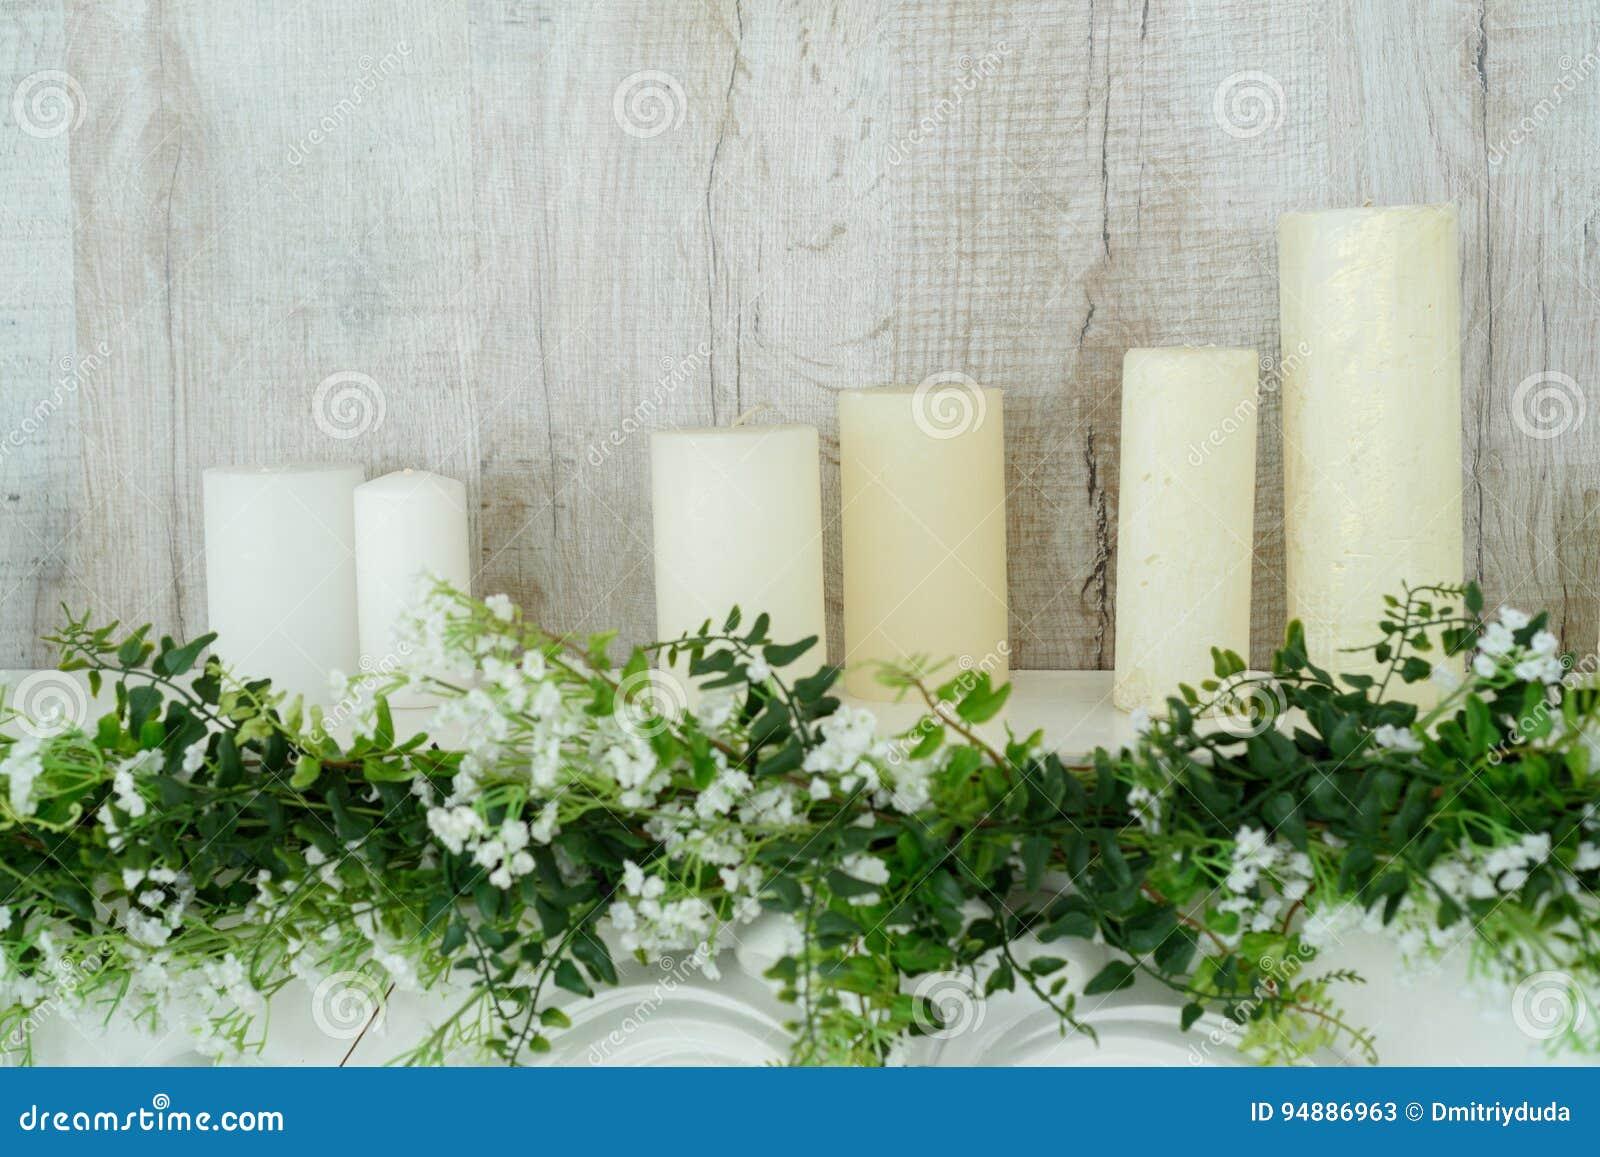 cheminée décorative blanche avec des bougies là-dessus près du mur